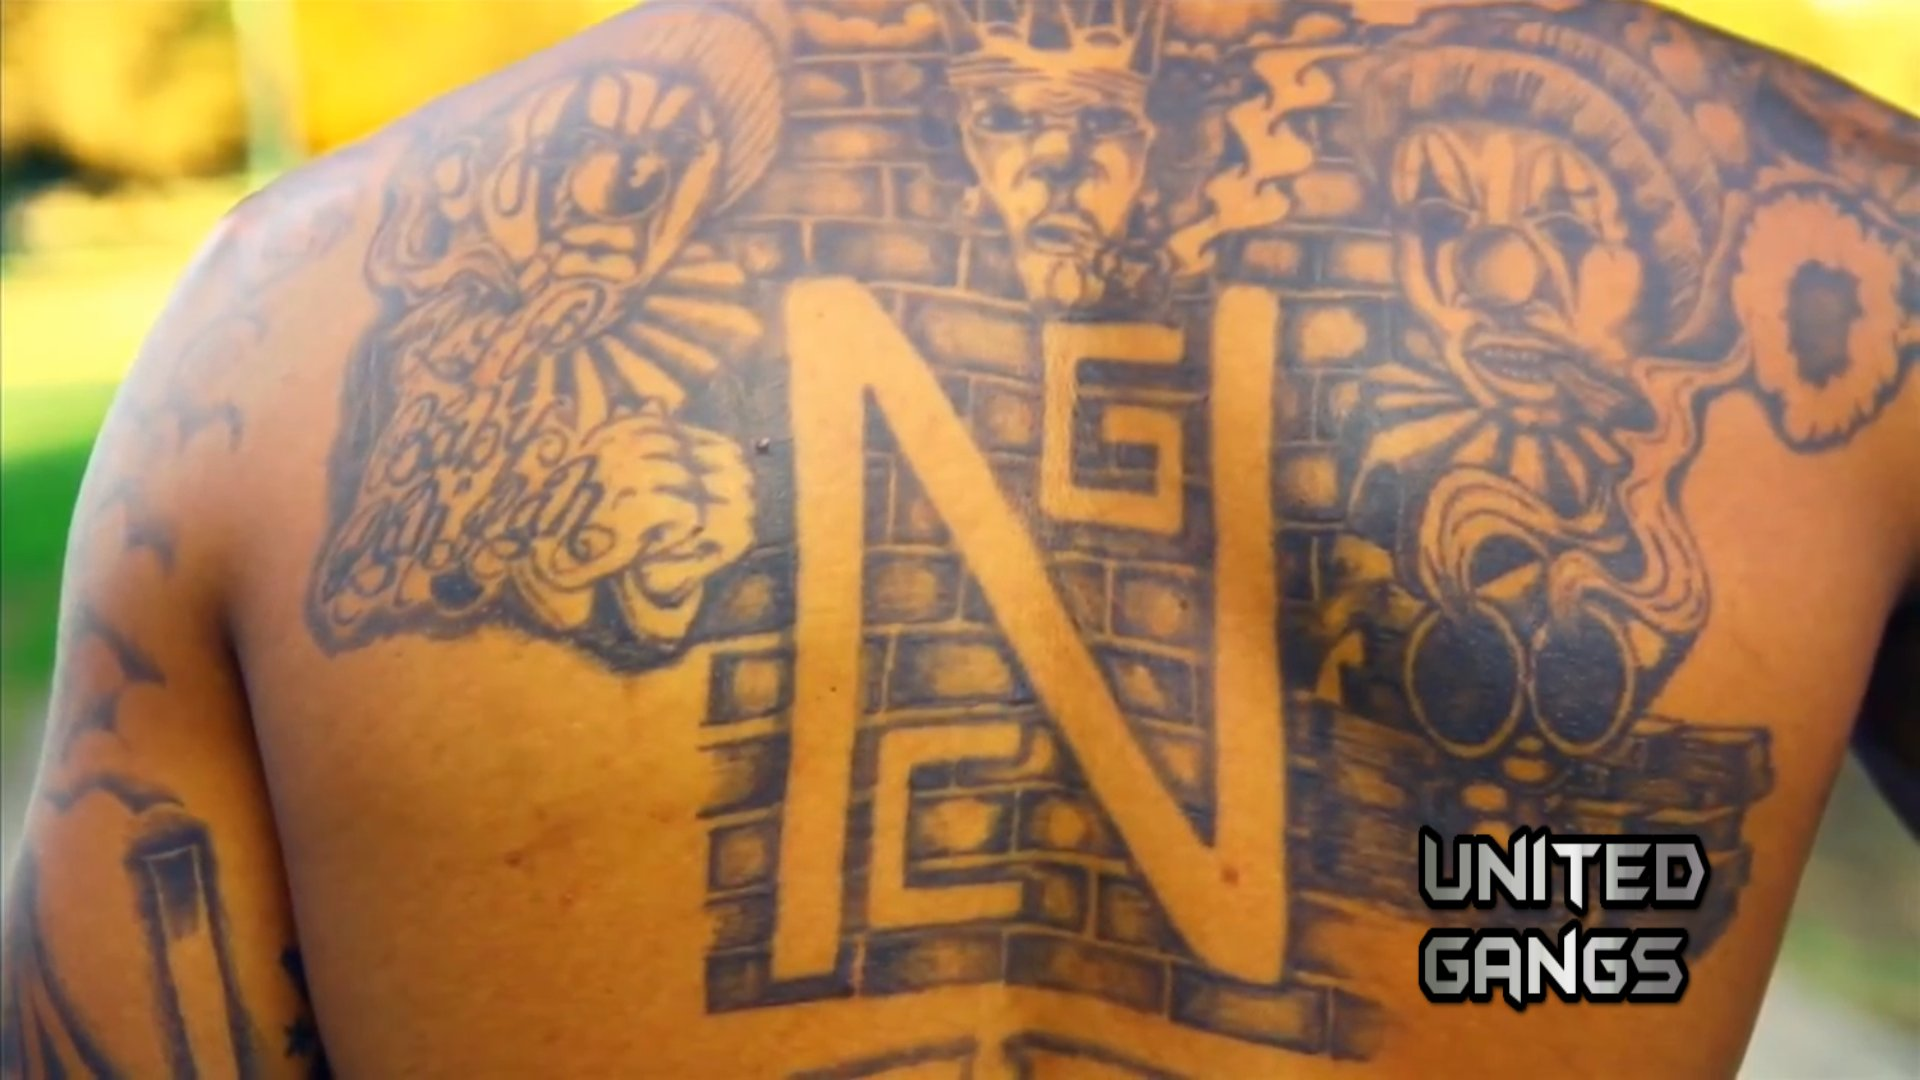 North Highlands Gangster Crips